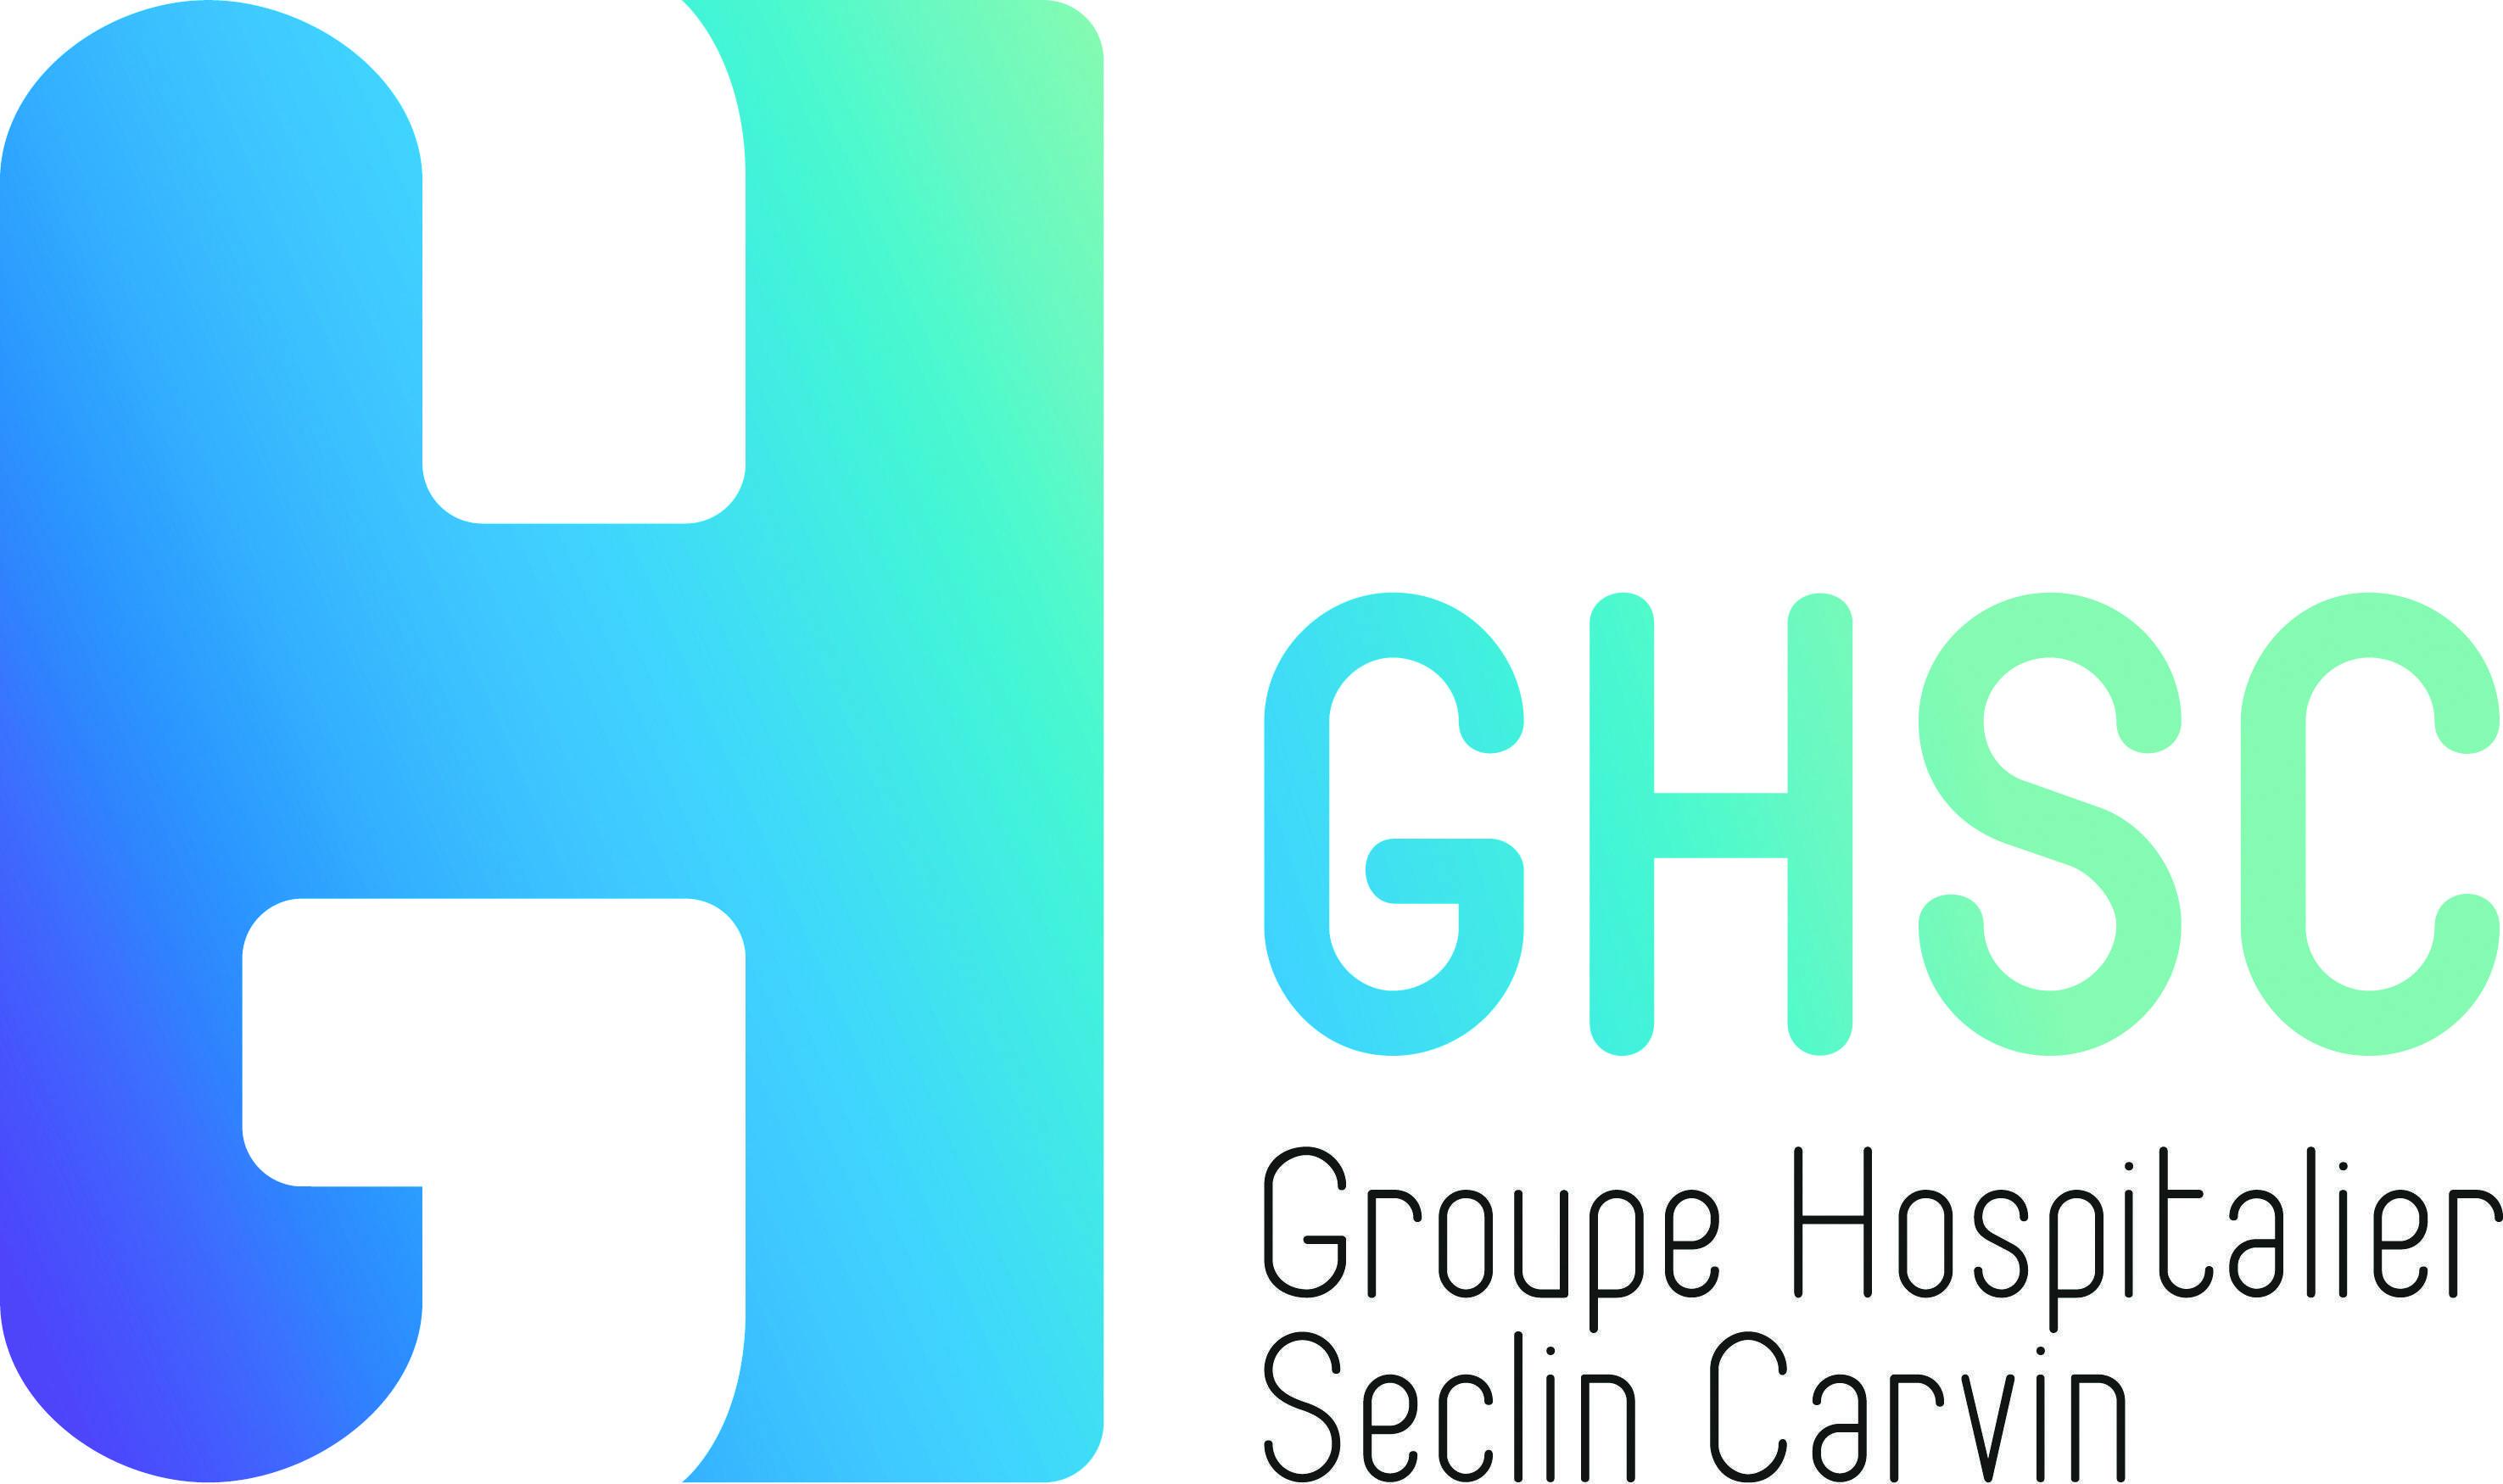 Groupe Hospitalier SECLIN CARVIN  (Seclin)